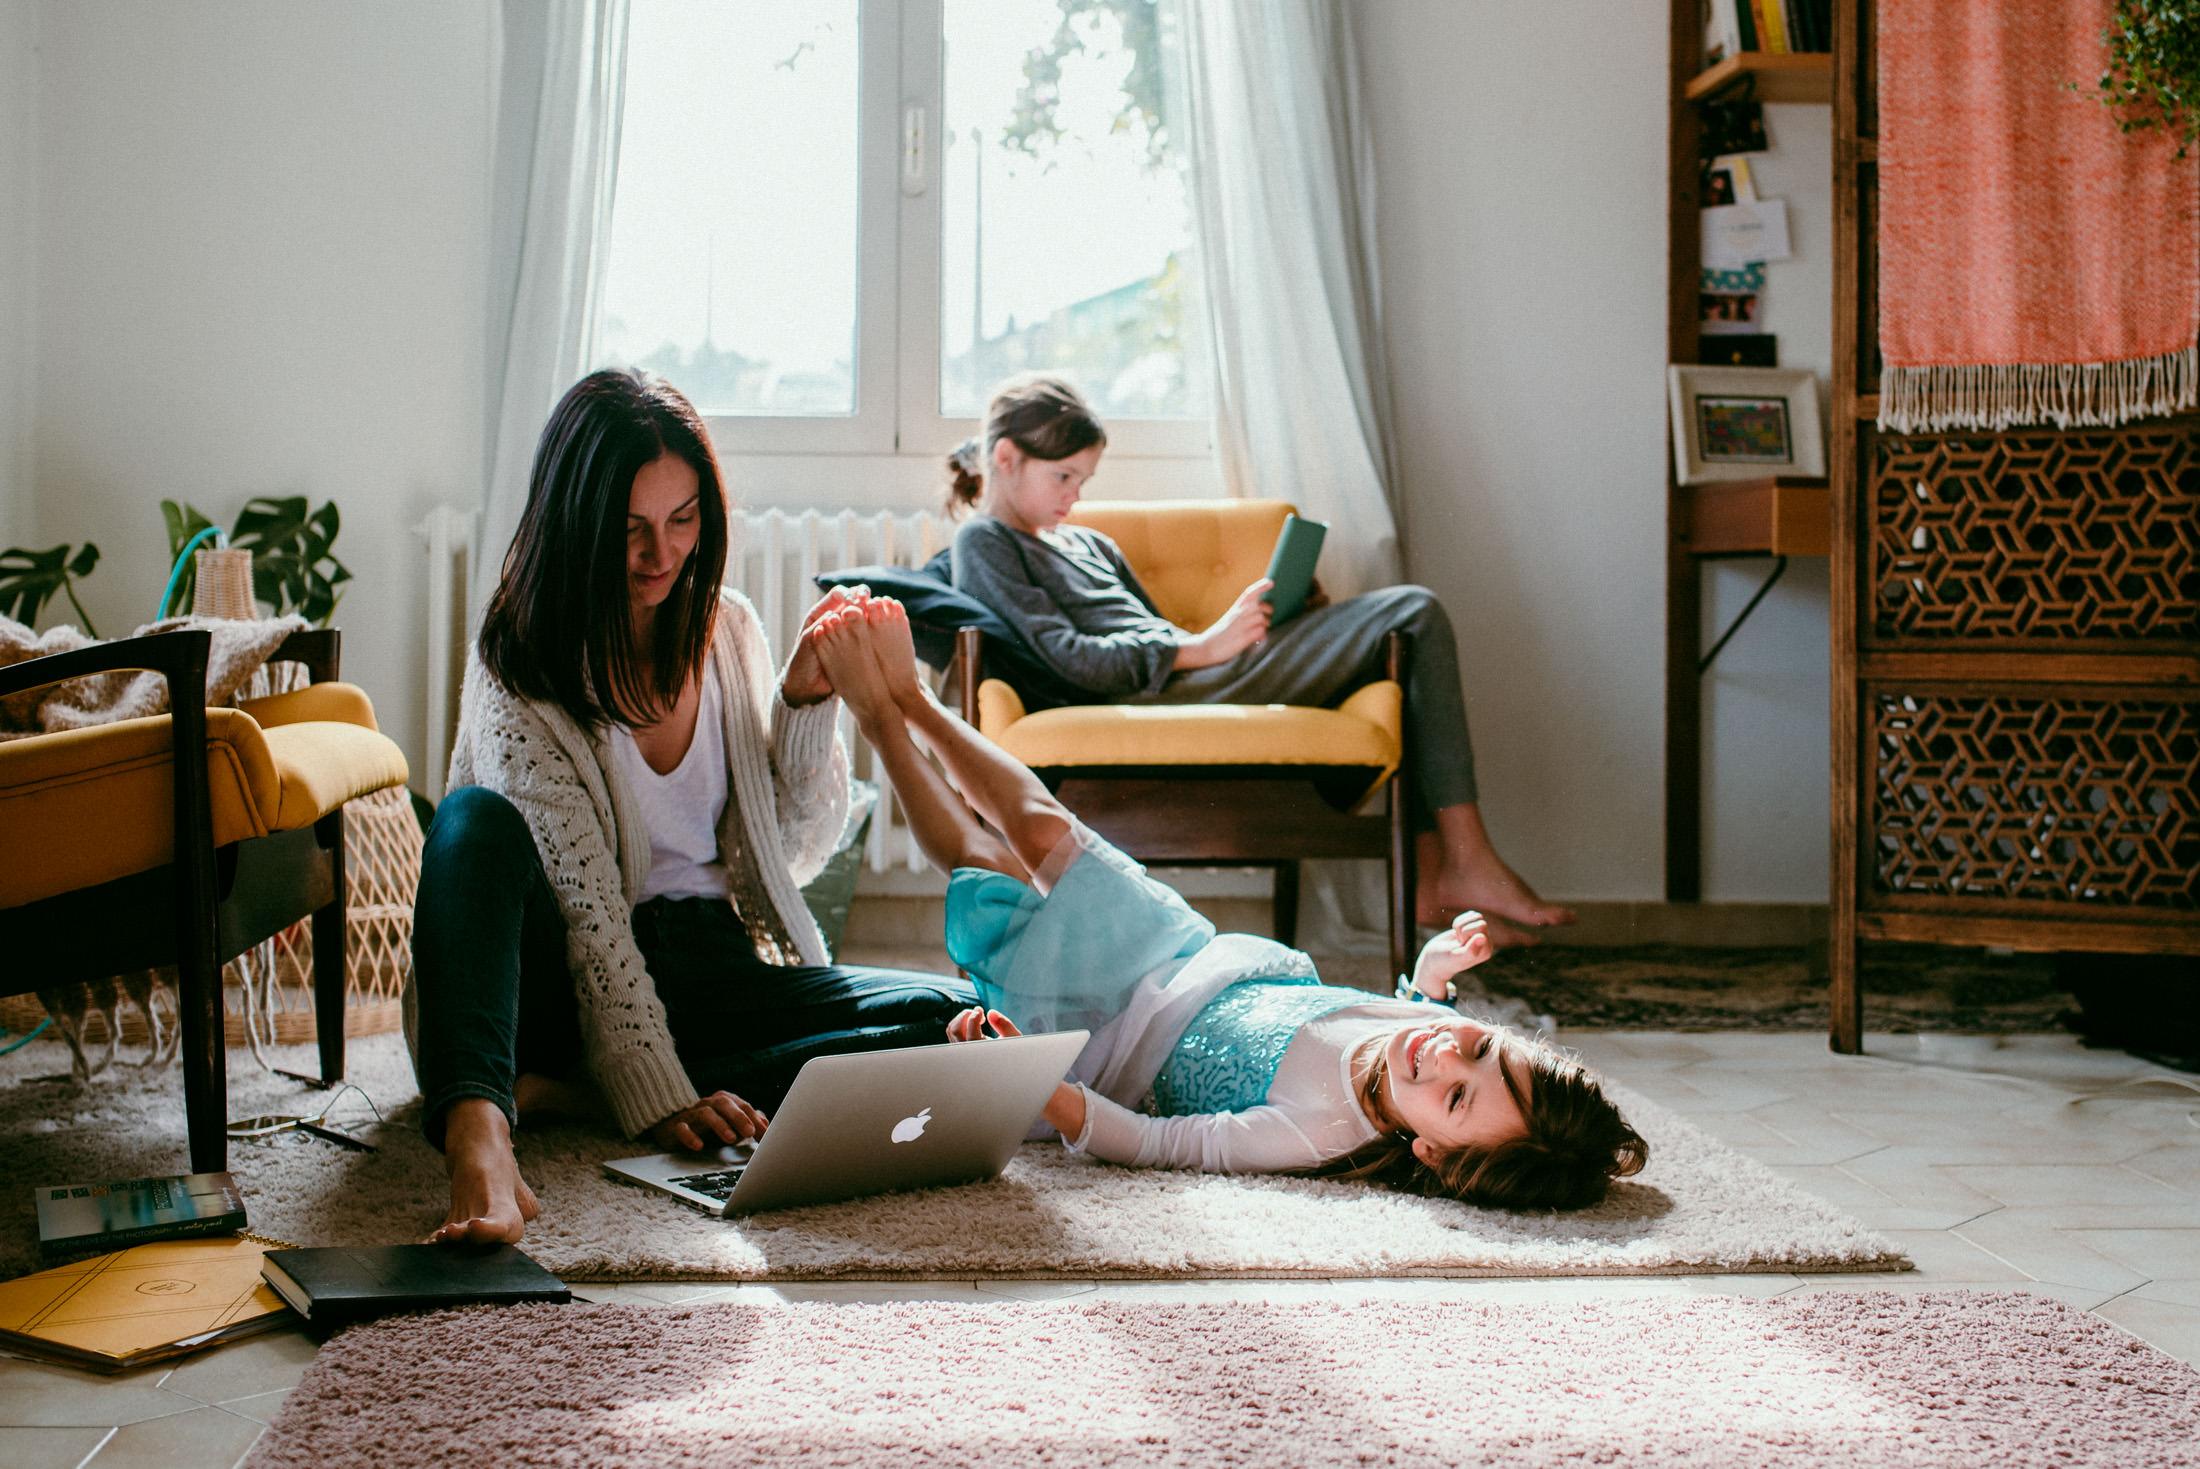 portrait de maman assise par terre, ses filles avec elle